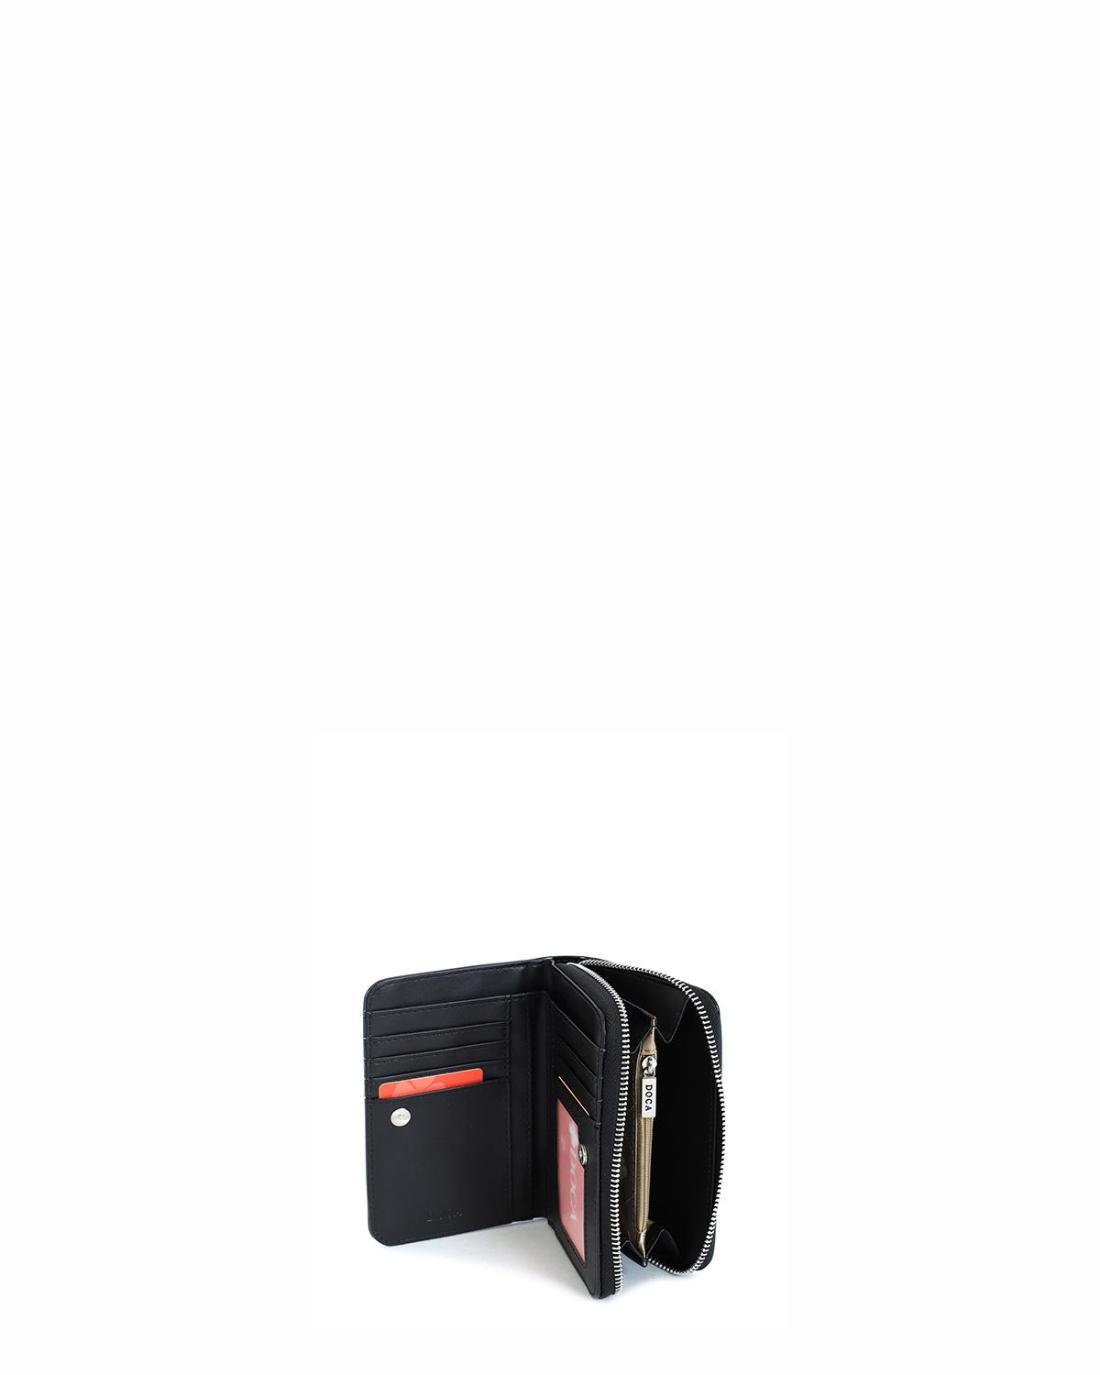 Portemonnaie schwarz